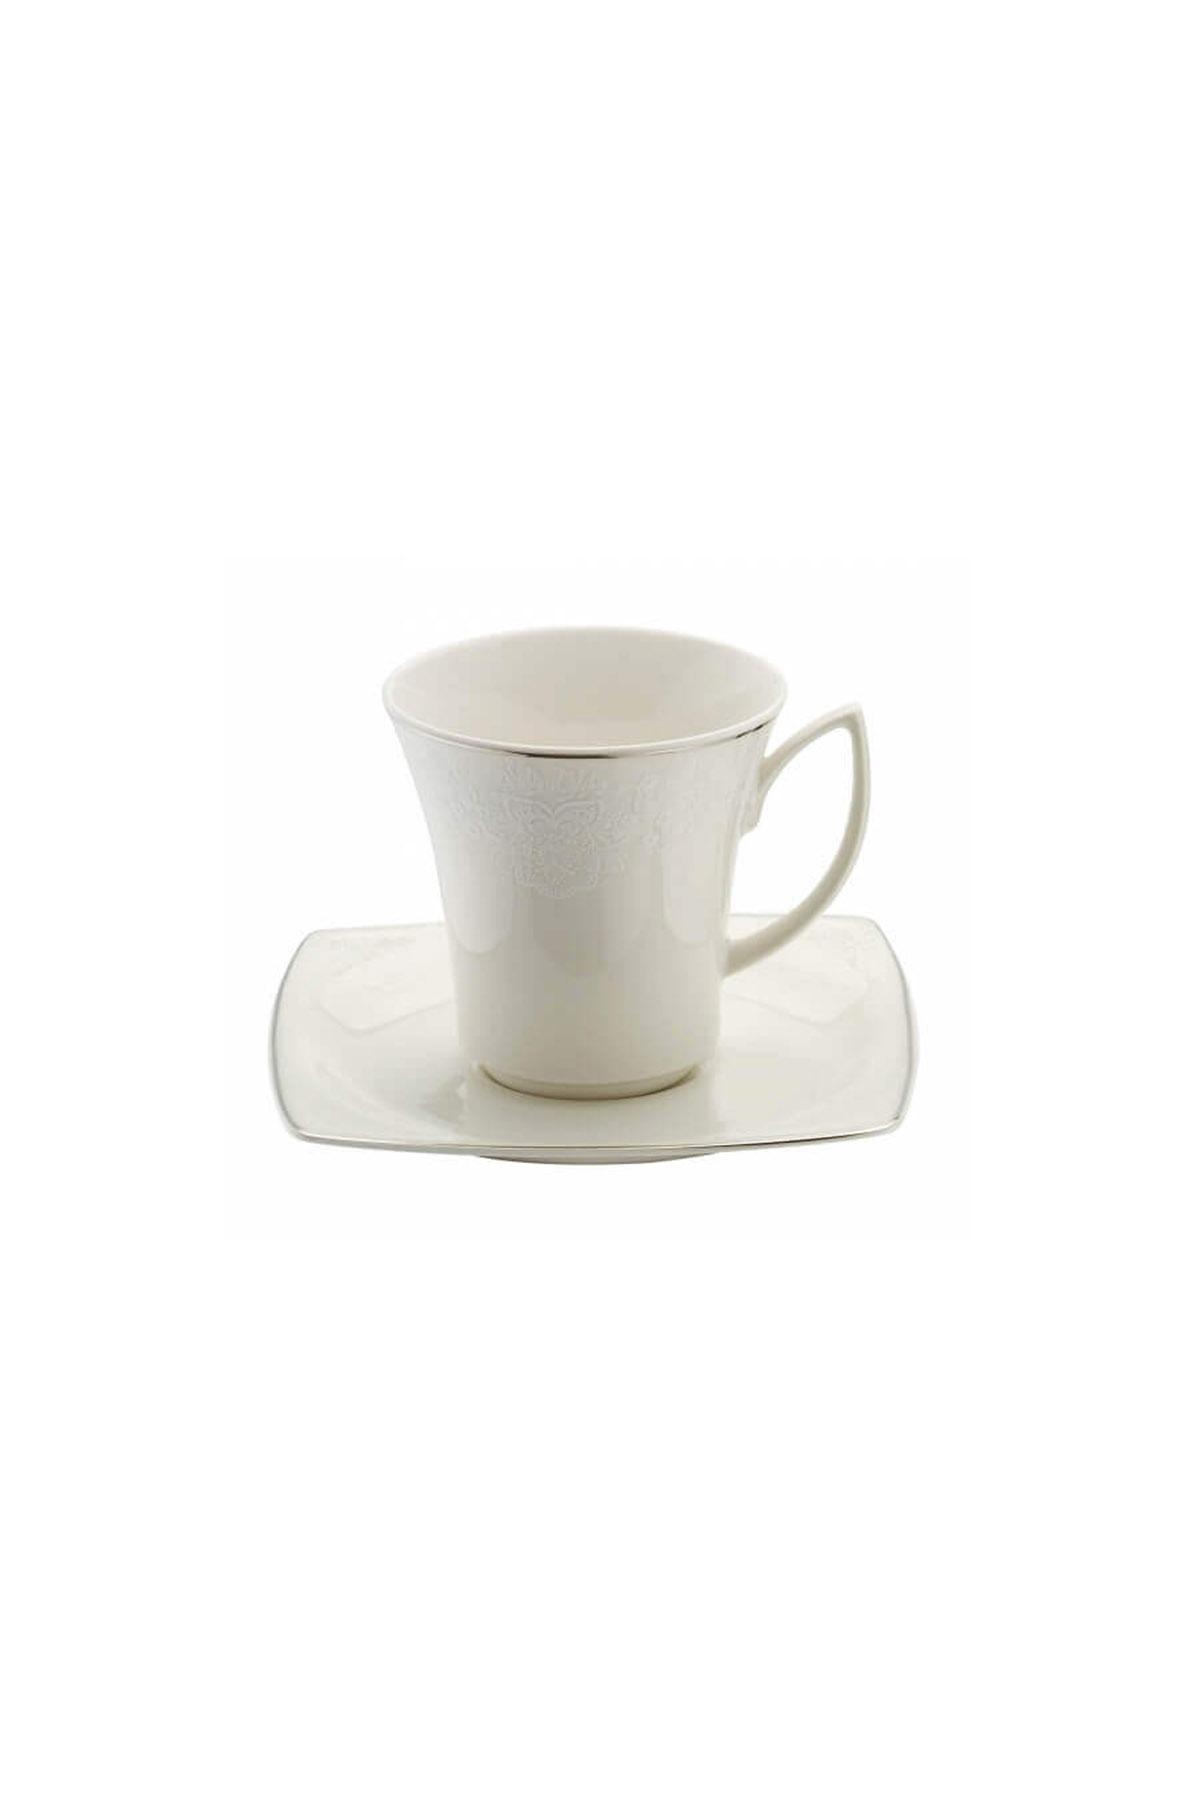 Kütahya Porselen Bone Mare 955920 Desen Kahve Fincan Takımı Platin